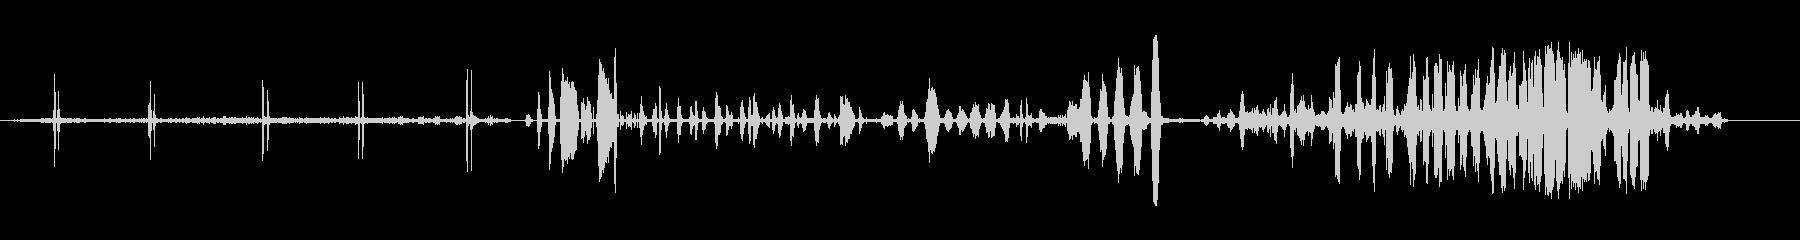 ジェイゲイグの未再生の波形